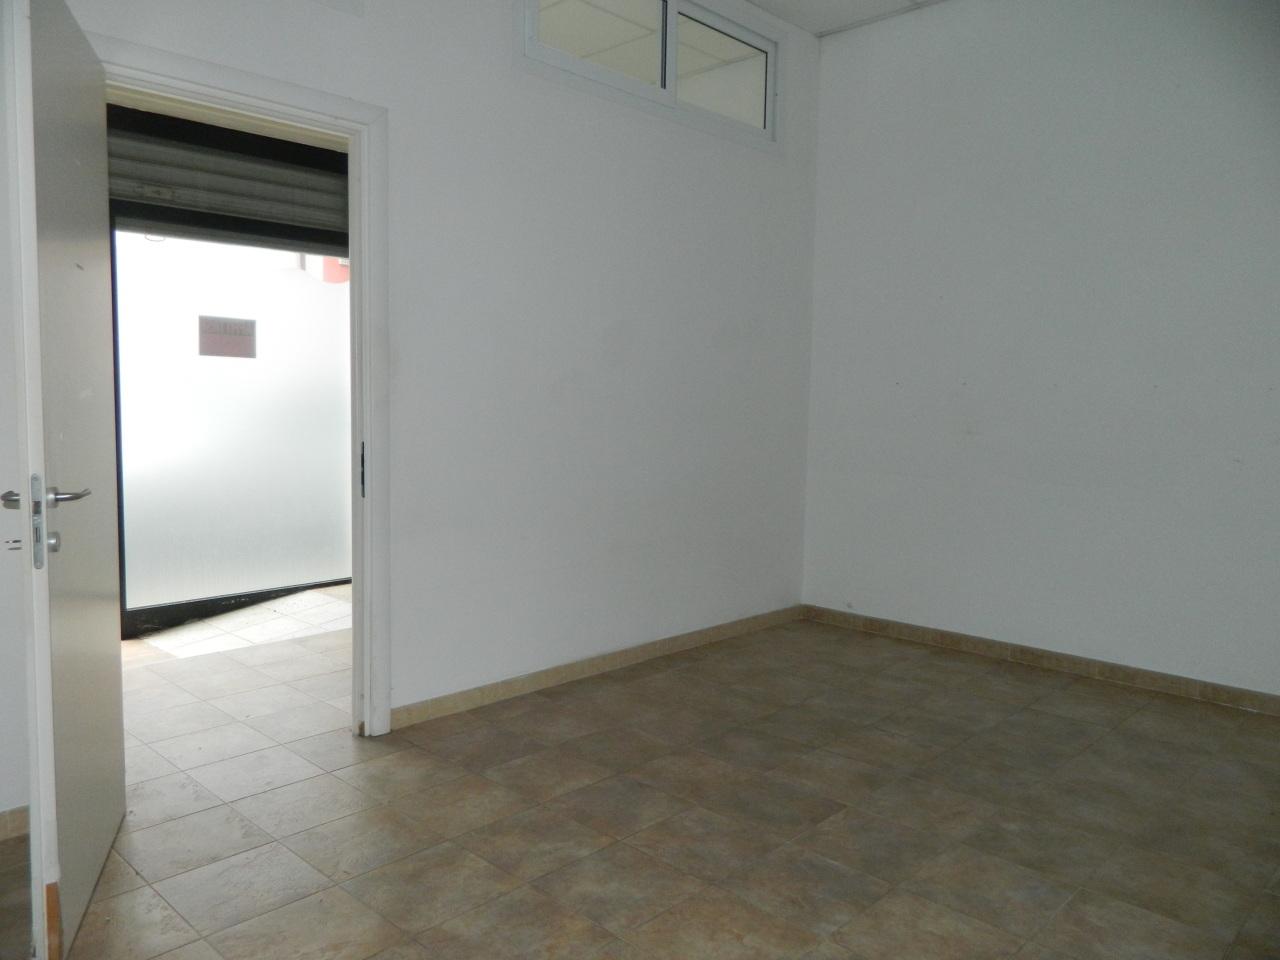 Locale commerciale - 1 Vetrina a Marina Di Carrara, Carrara Rif. 9446039